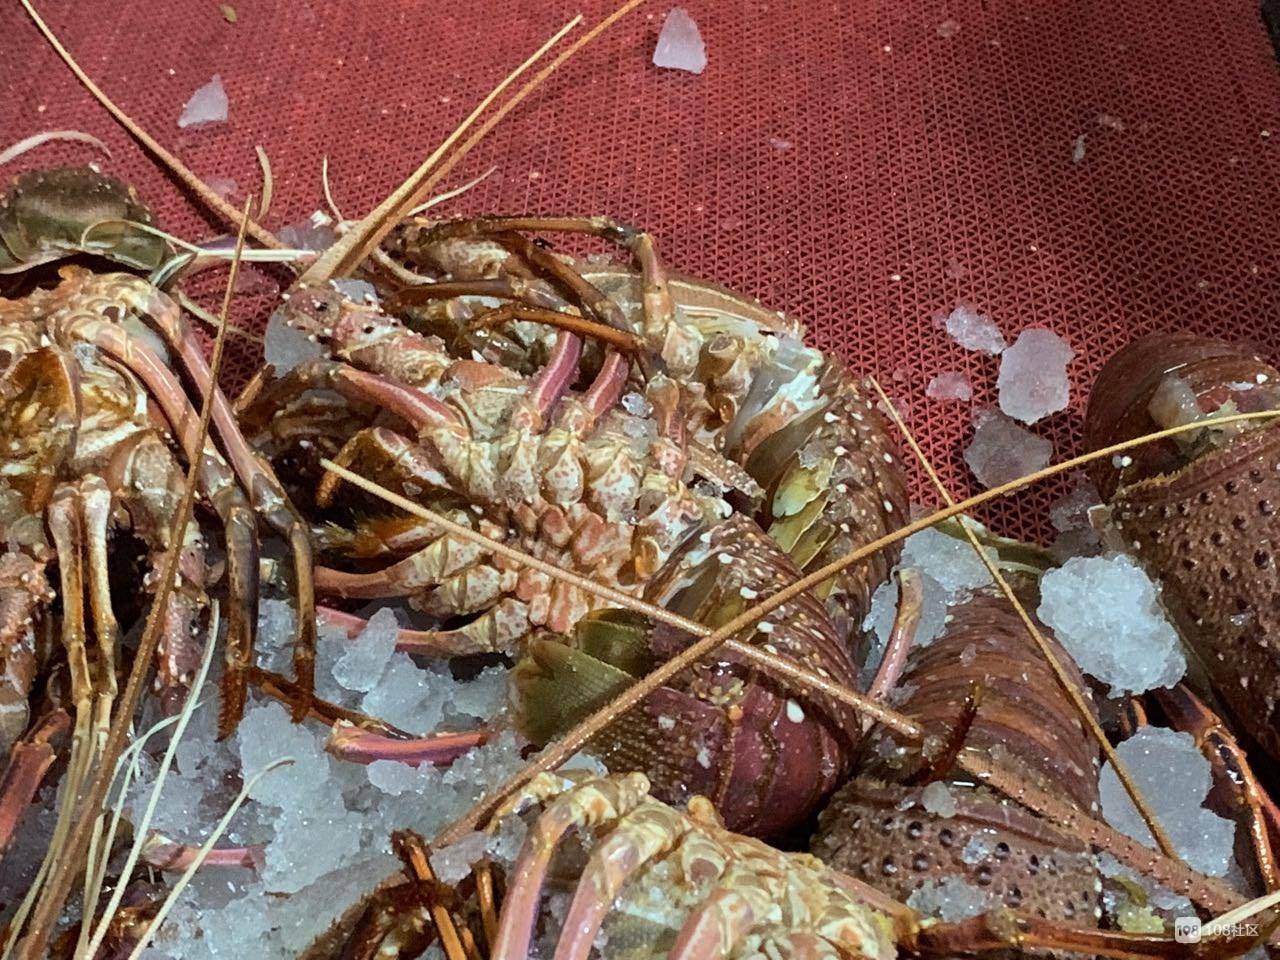 家里办喜事在百官买大龙虾,拿到手才发现竟被掉包了